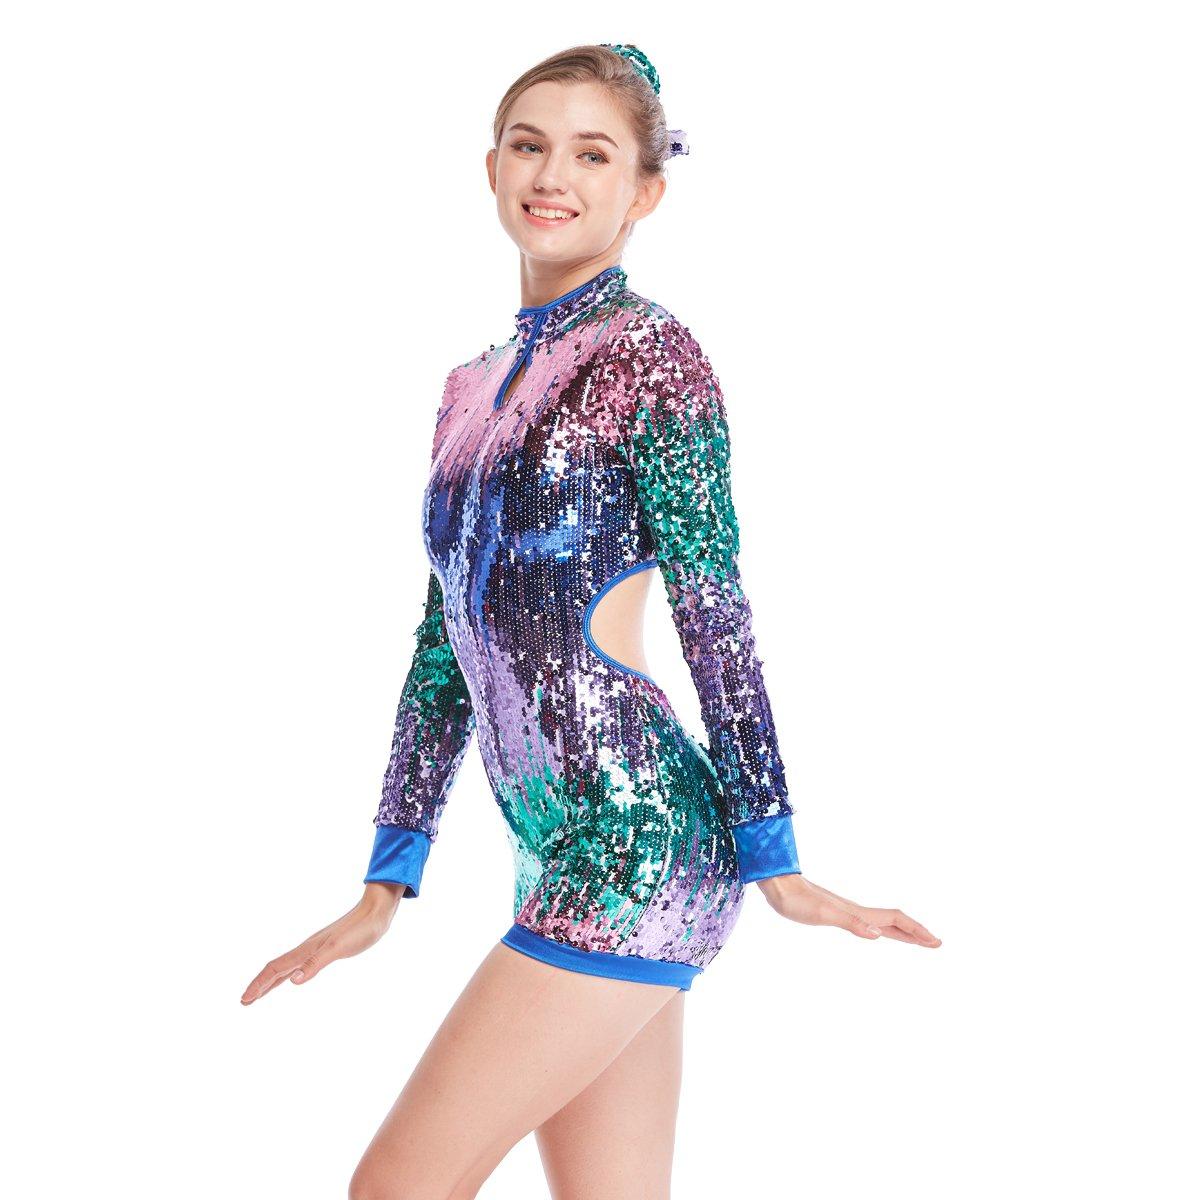 أزياء رقص Biketard Jazz ، أكمام طويلة, ملابس أداء الرقص ، لامعة ثقيلة